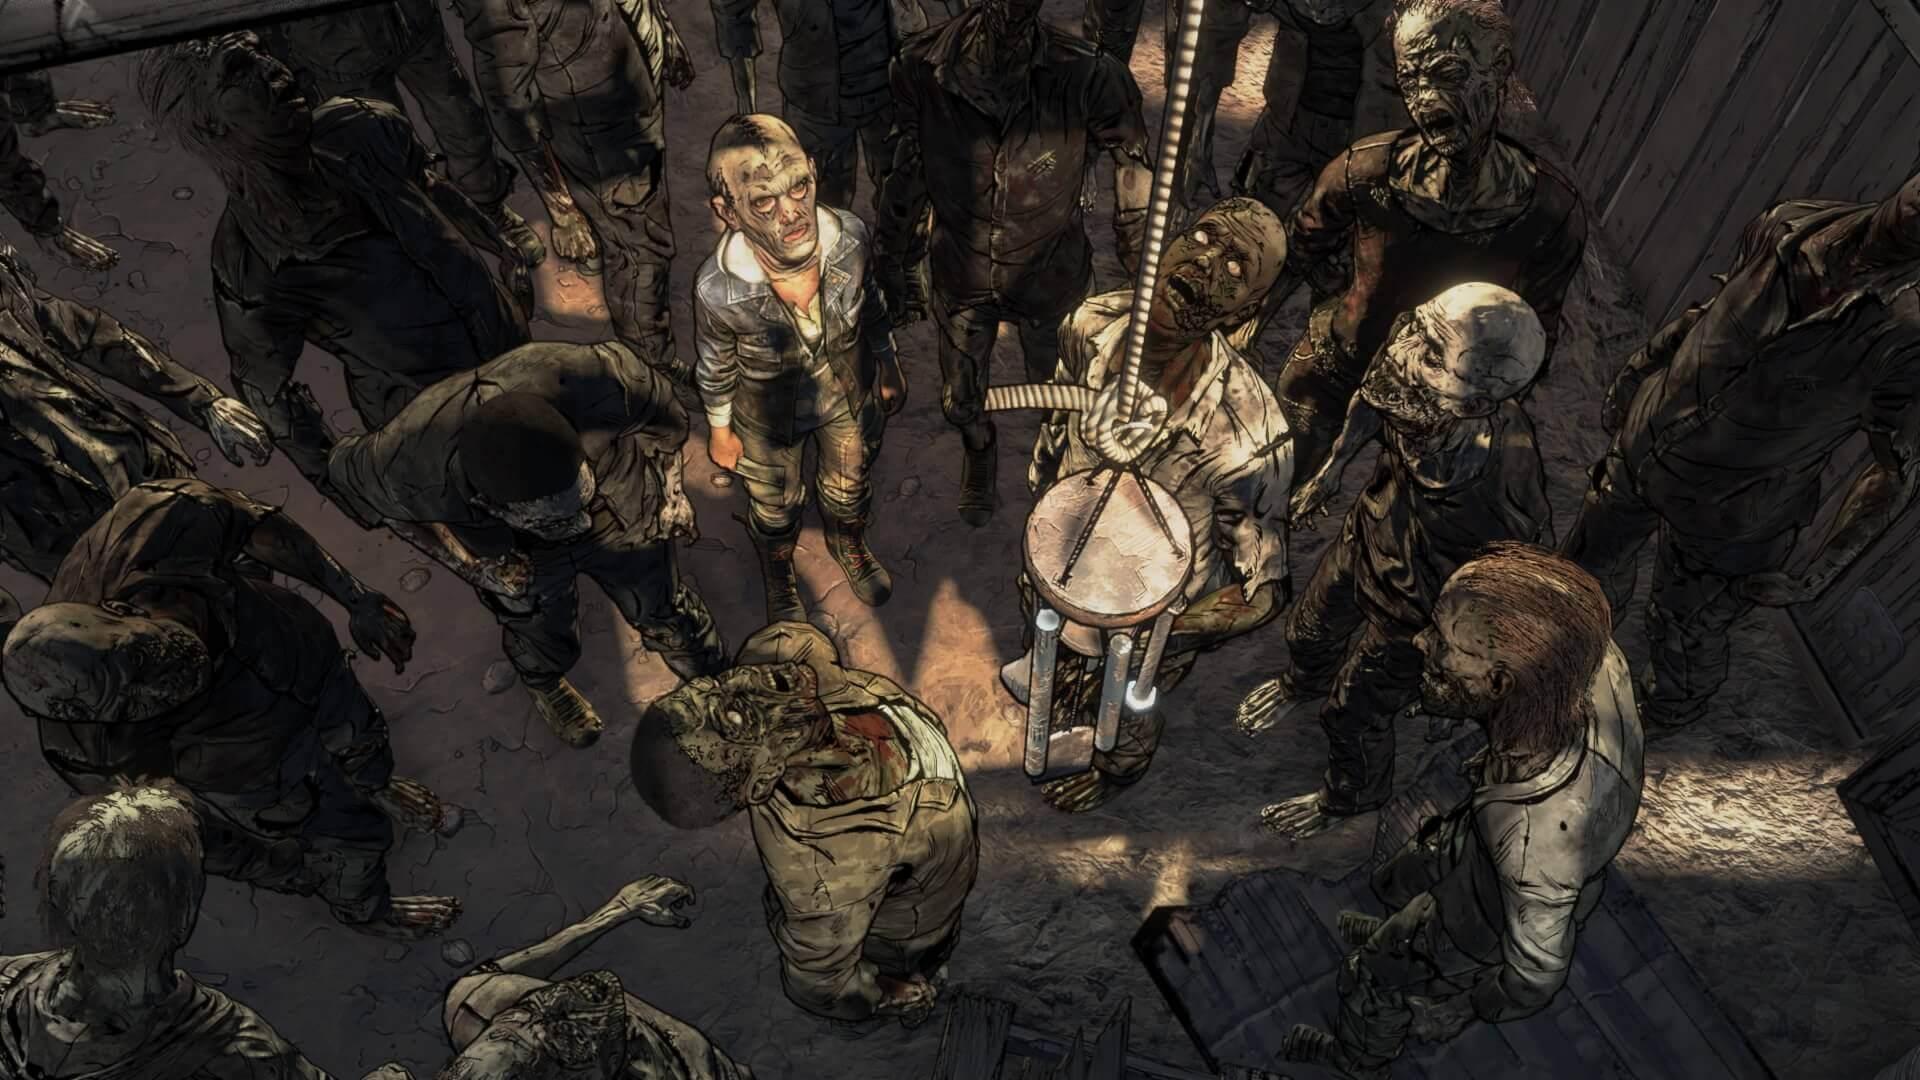 The Walking Dead: The Final Season, The Walking Dead, Telltale, Skybound, Delfos